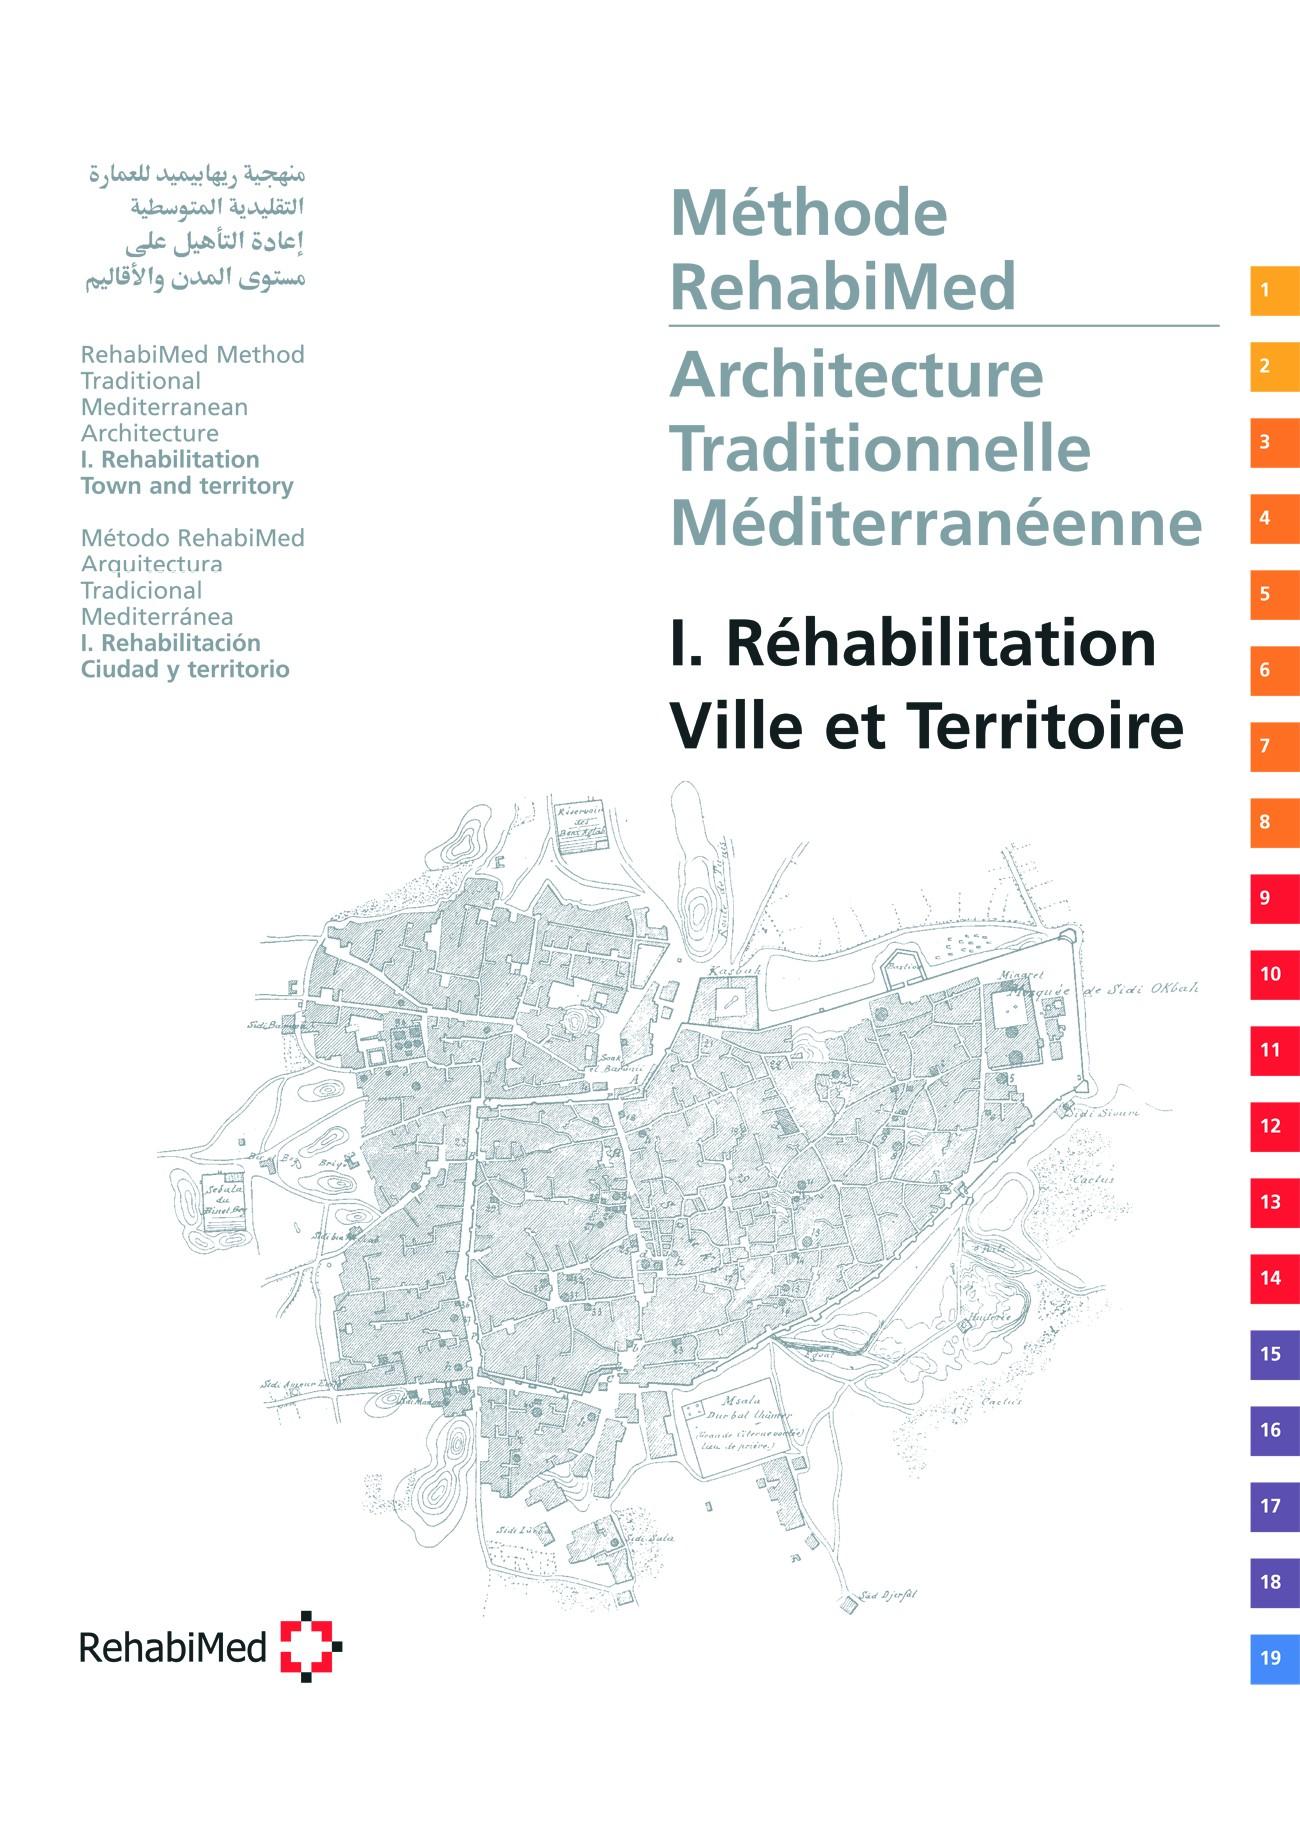 Mètode RehabiMed per a la rehabilitació de l'arquitectura tradicional mediterrània